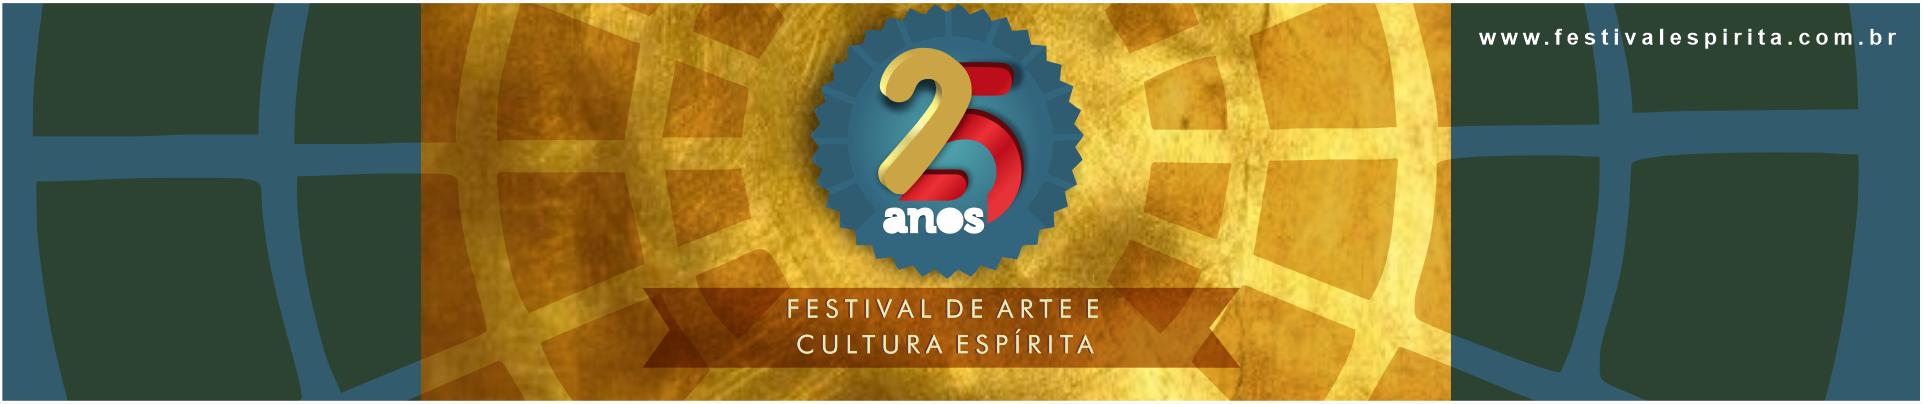 FACE - FESTIVAL DE ARTE E CULTURA ESPÍRITA 1